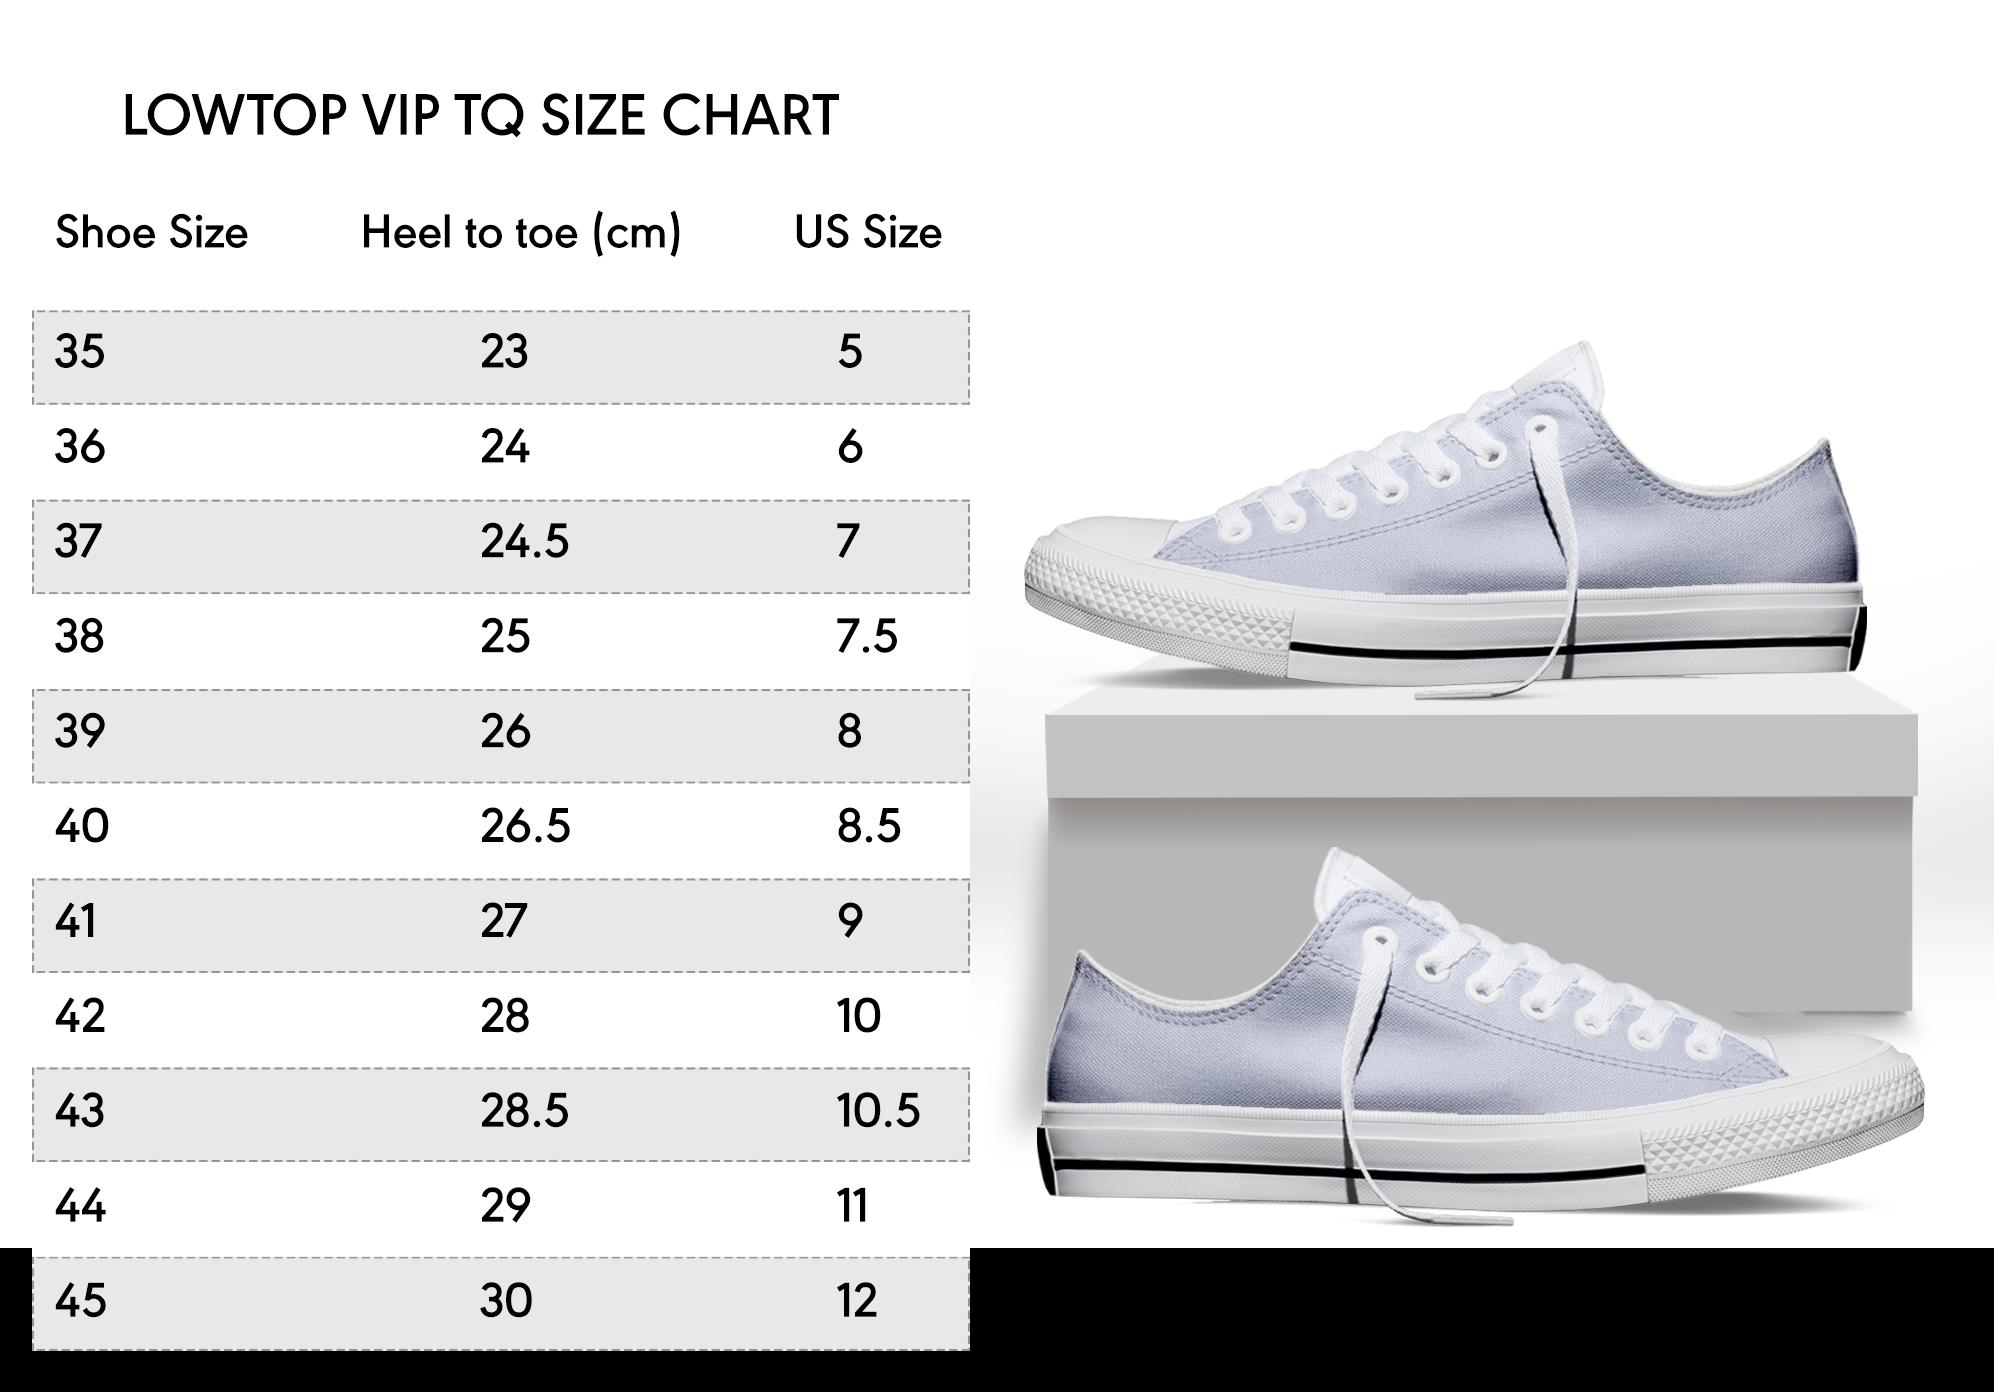 lowtop vip tq size chart 21 10 20